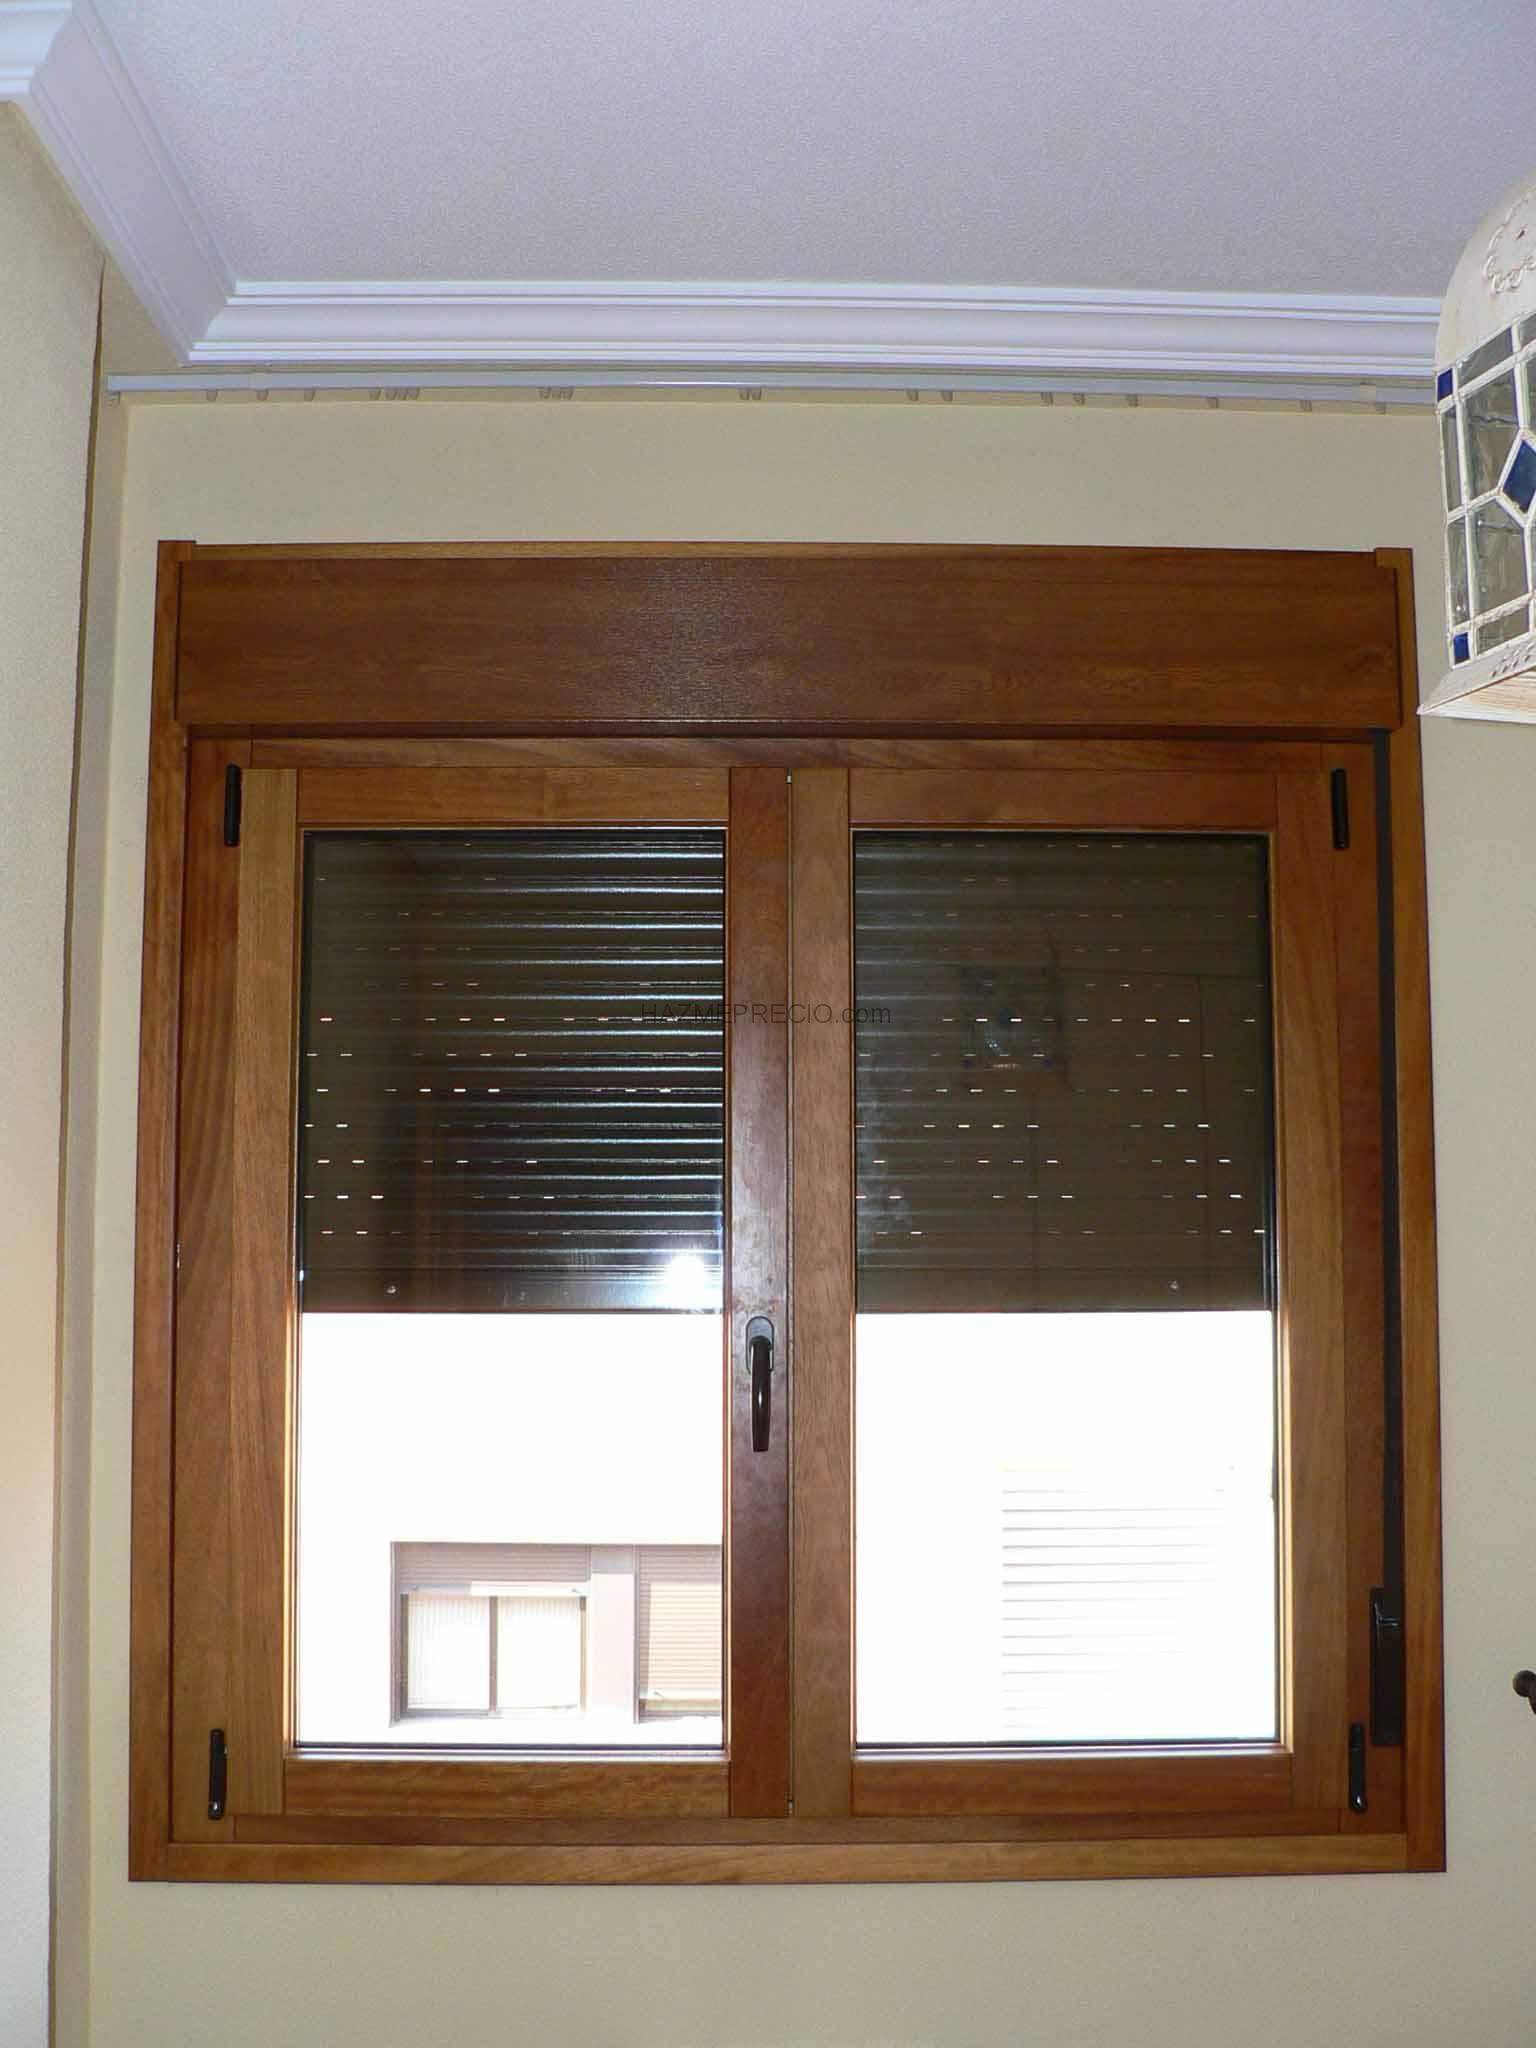 presupuesto para adquirir dos ventanas de aluminio ForVer Precios De Ventanas De Aluminio